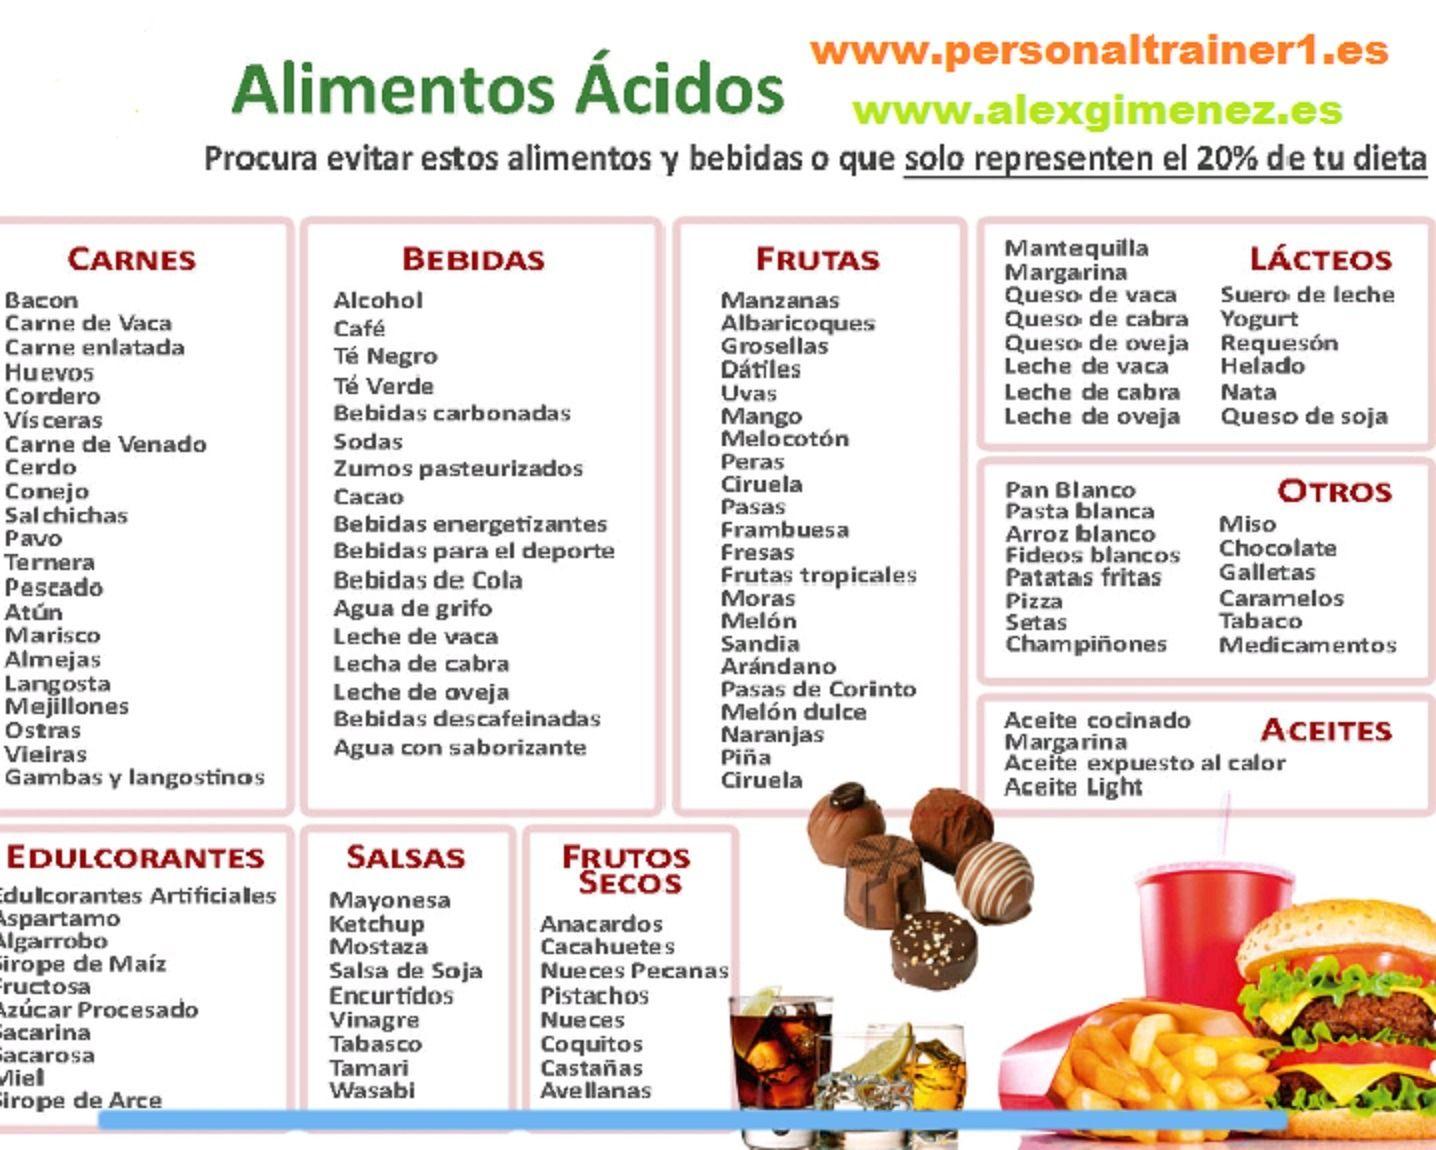 Como perder barriga seas hombre o mujer los 5 secretos ocultos - Alimentos para mejorar la artrosis ...